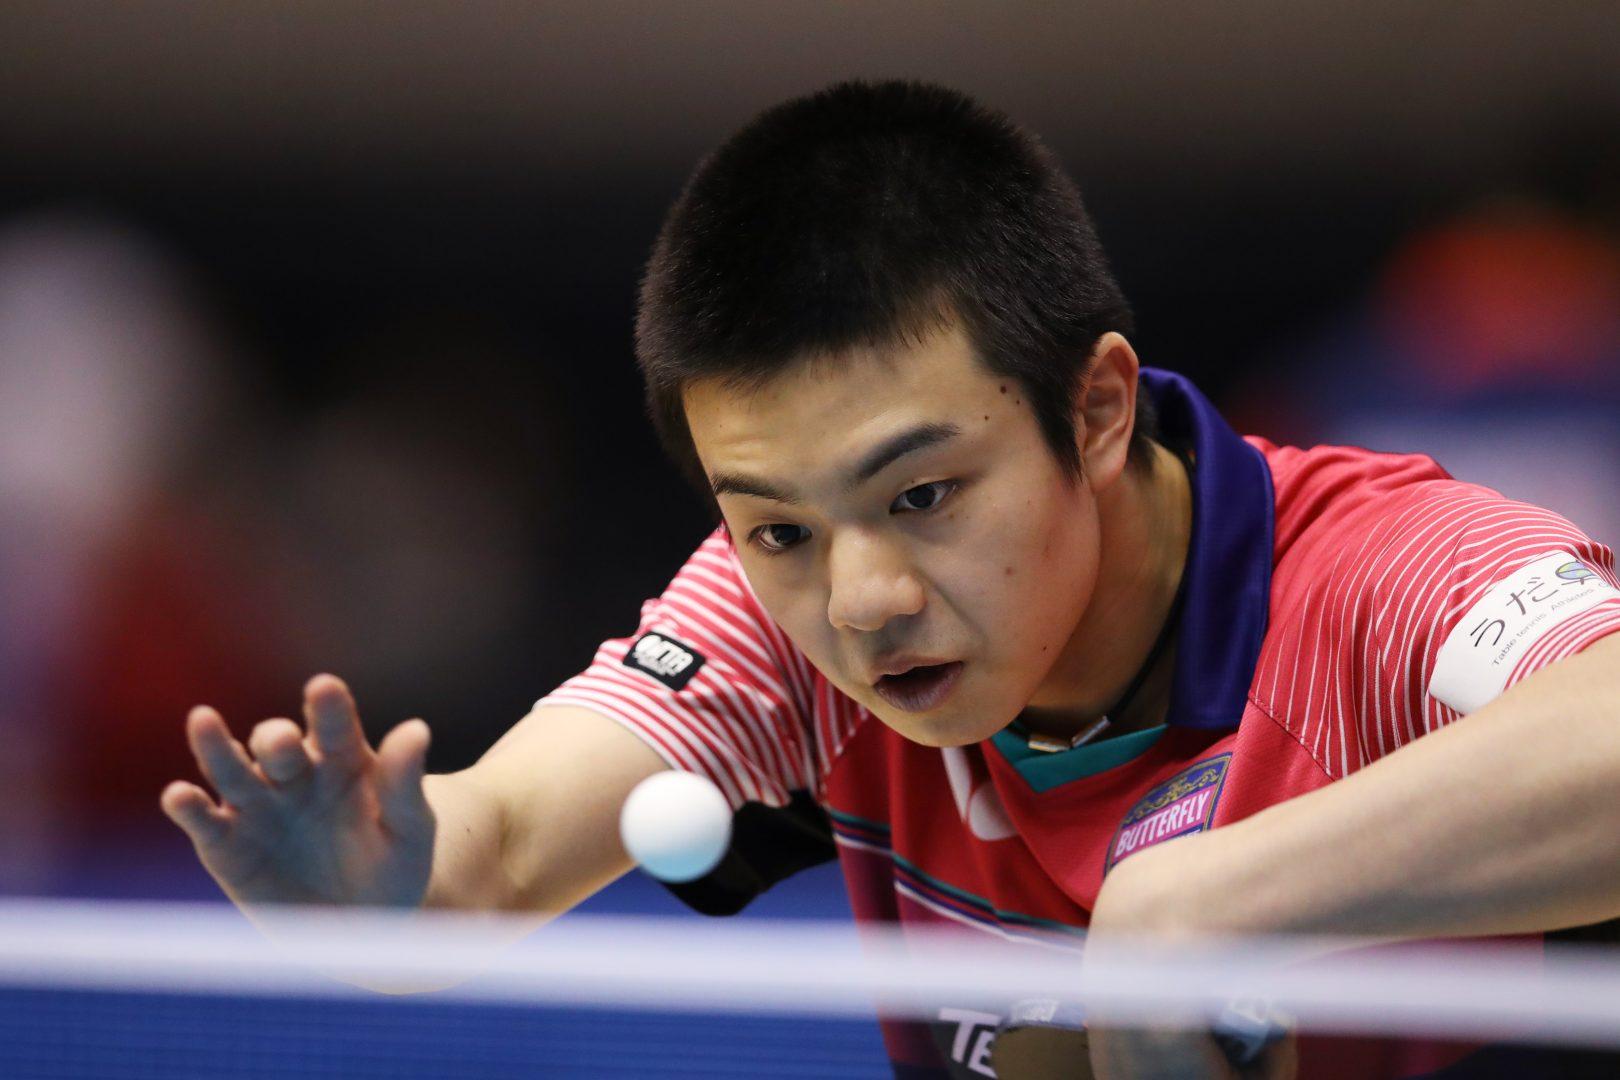 張本の同年代ライバル、宇田幸矢が好発進【ITTFワールドツアー・香港オープン男子結果】